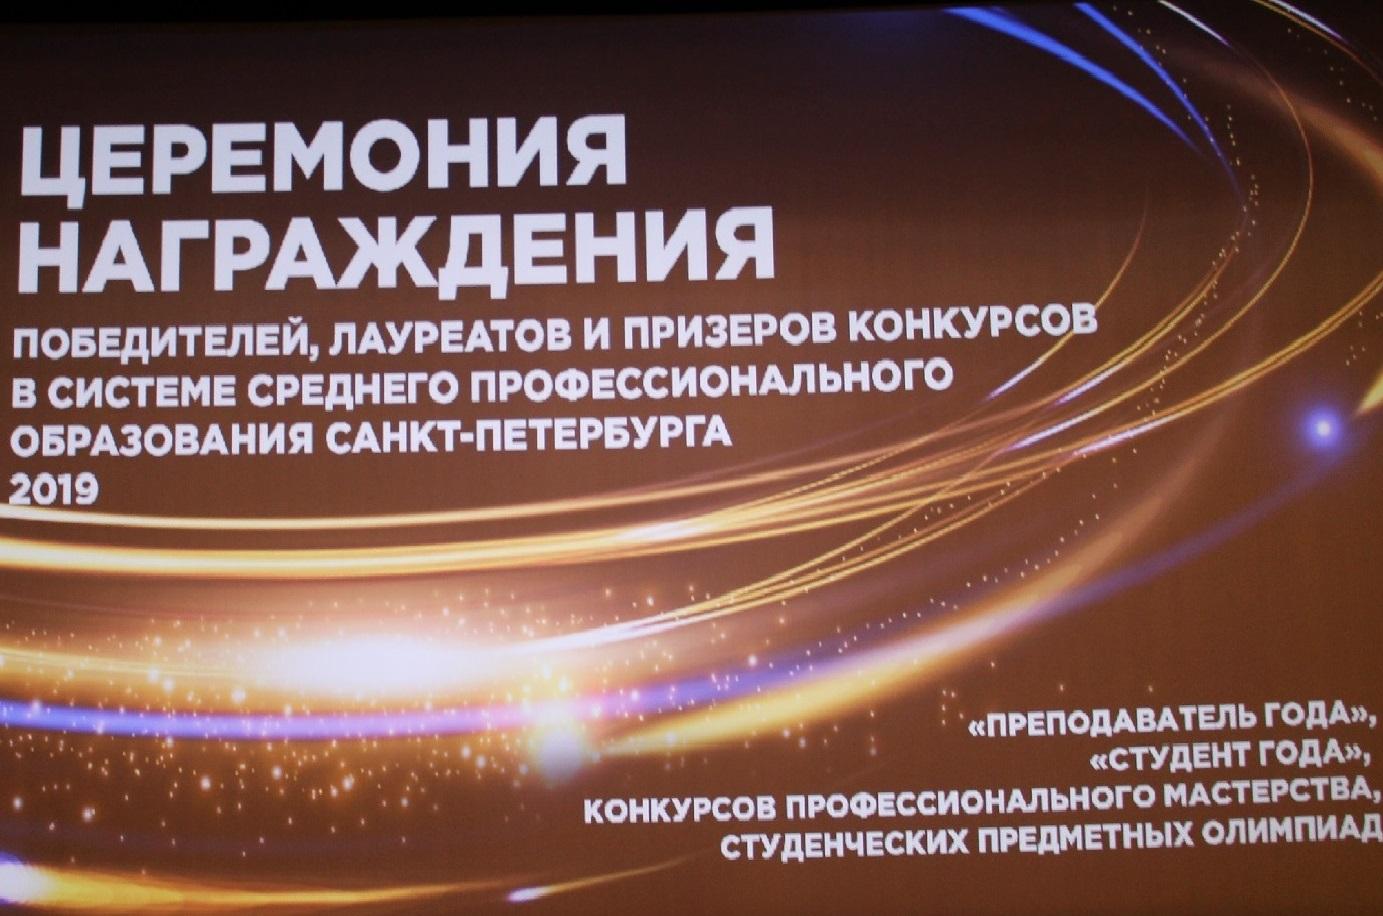 Награждение победителей студенческих предметных олимпиад 2019